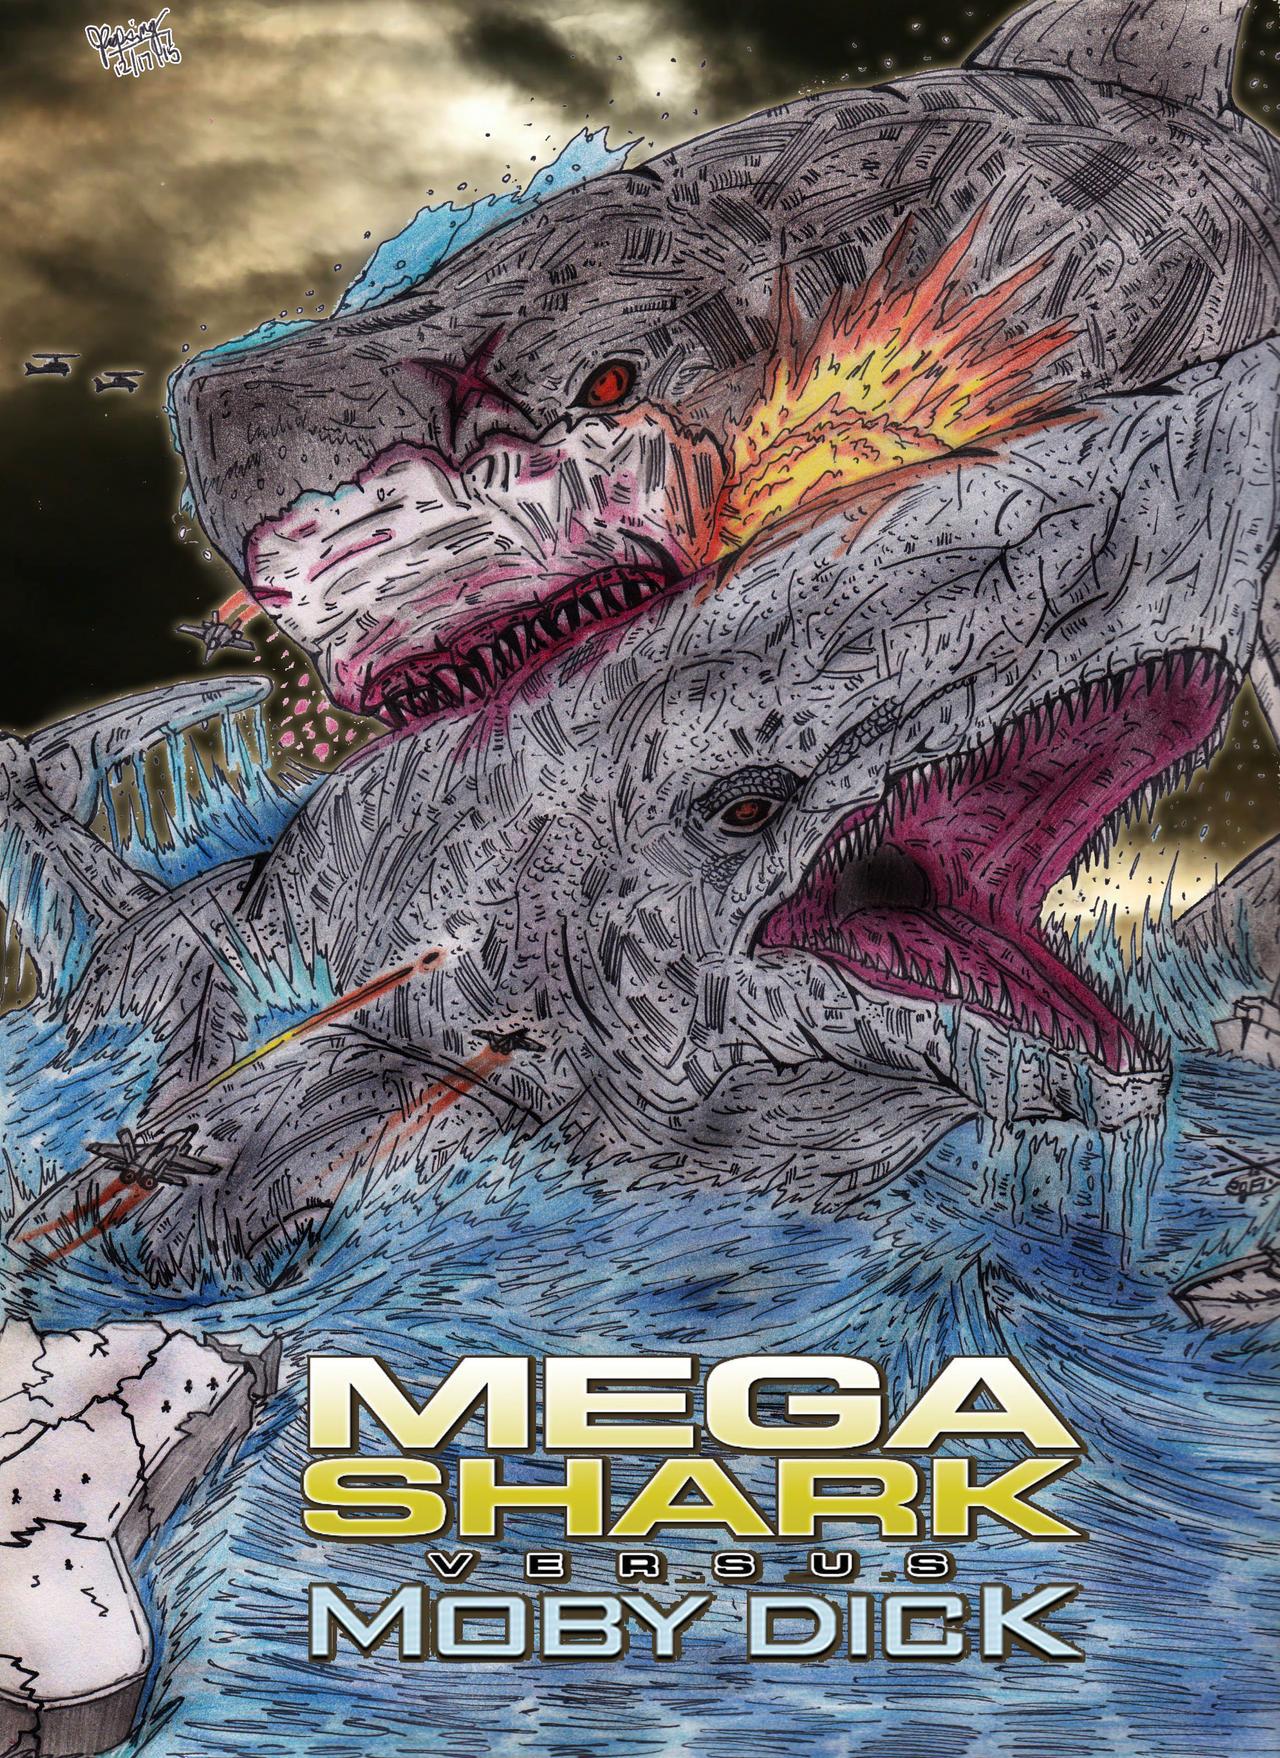 Mega Shark Vs. Moby Dick (Concept Poster) by AVGK04 on ...